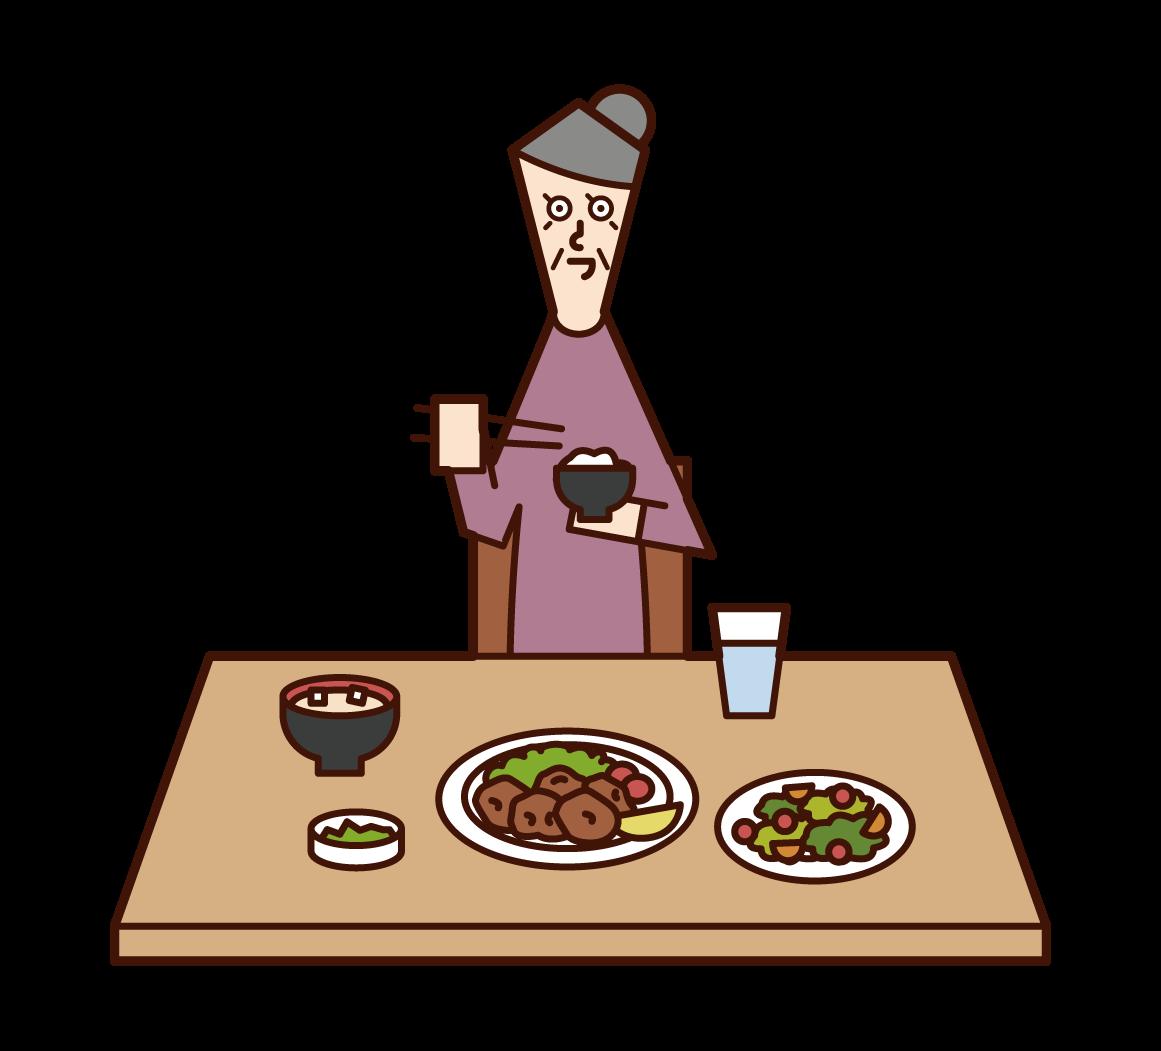 식사를 하는 노인(여자)의 일러스트